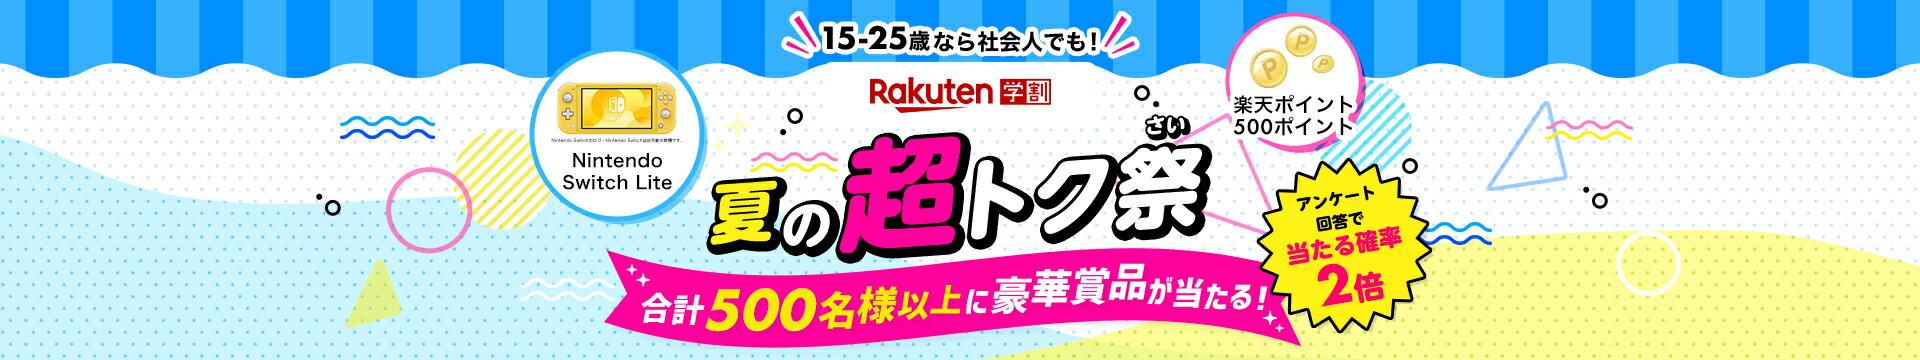 15−25歳なら社会人でも! Rakuten学割 夏の超トク祭 合計500名様以上に豪華賞品が当たる! アンケート回答で当たる確率2倍